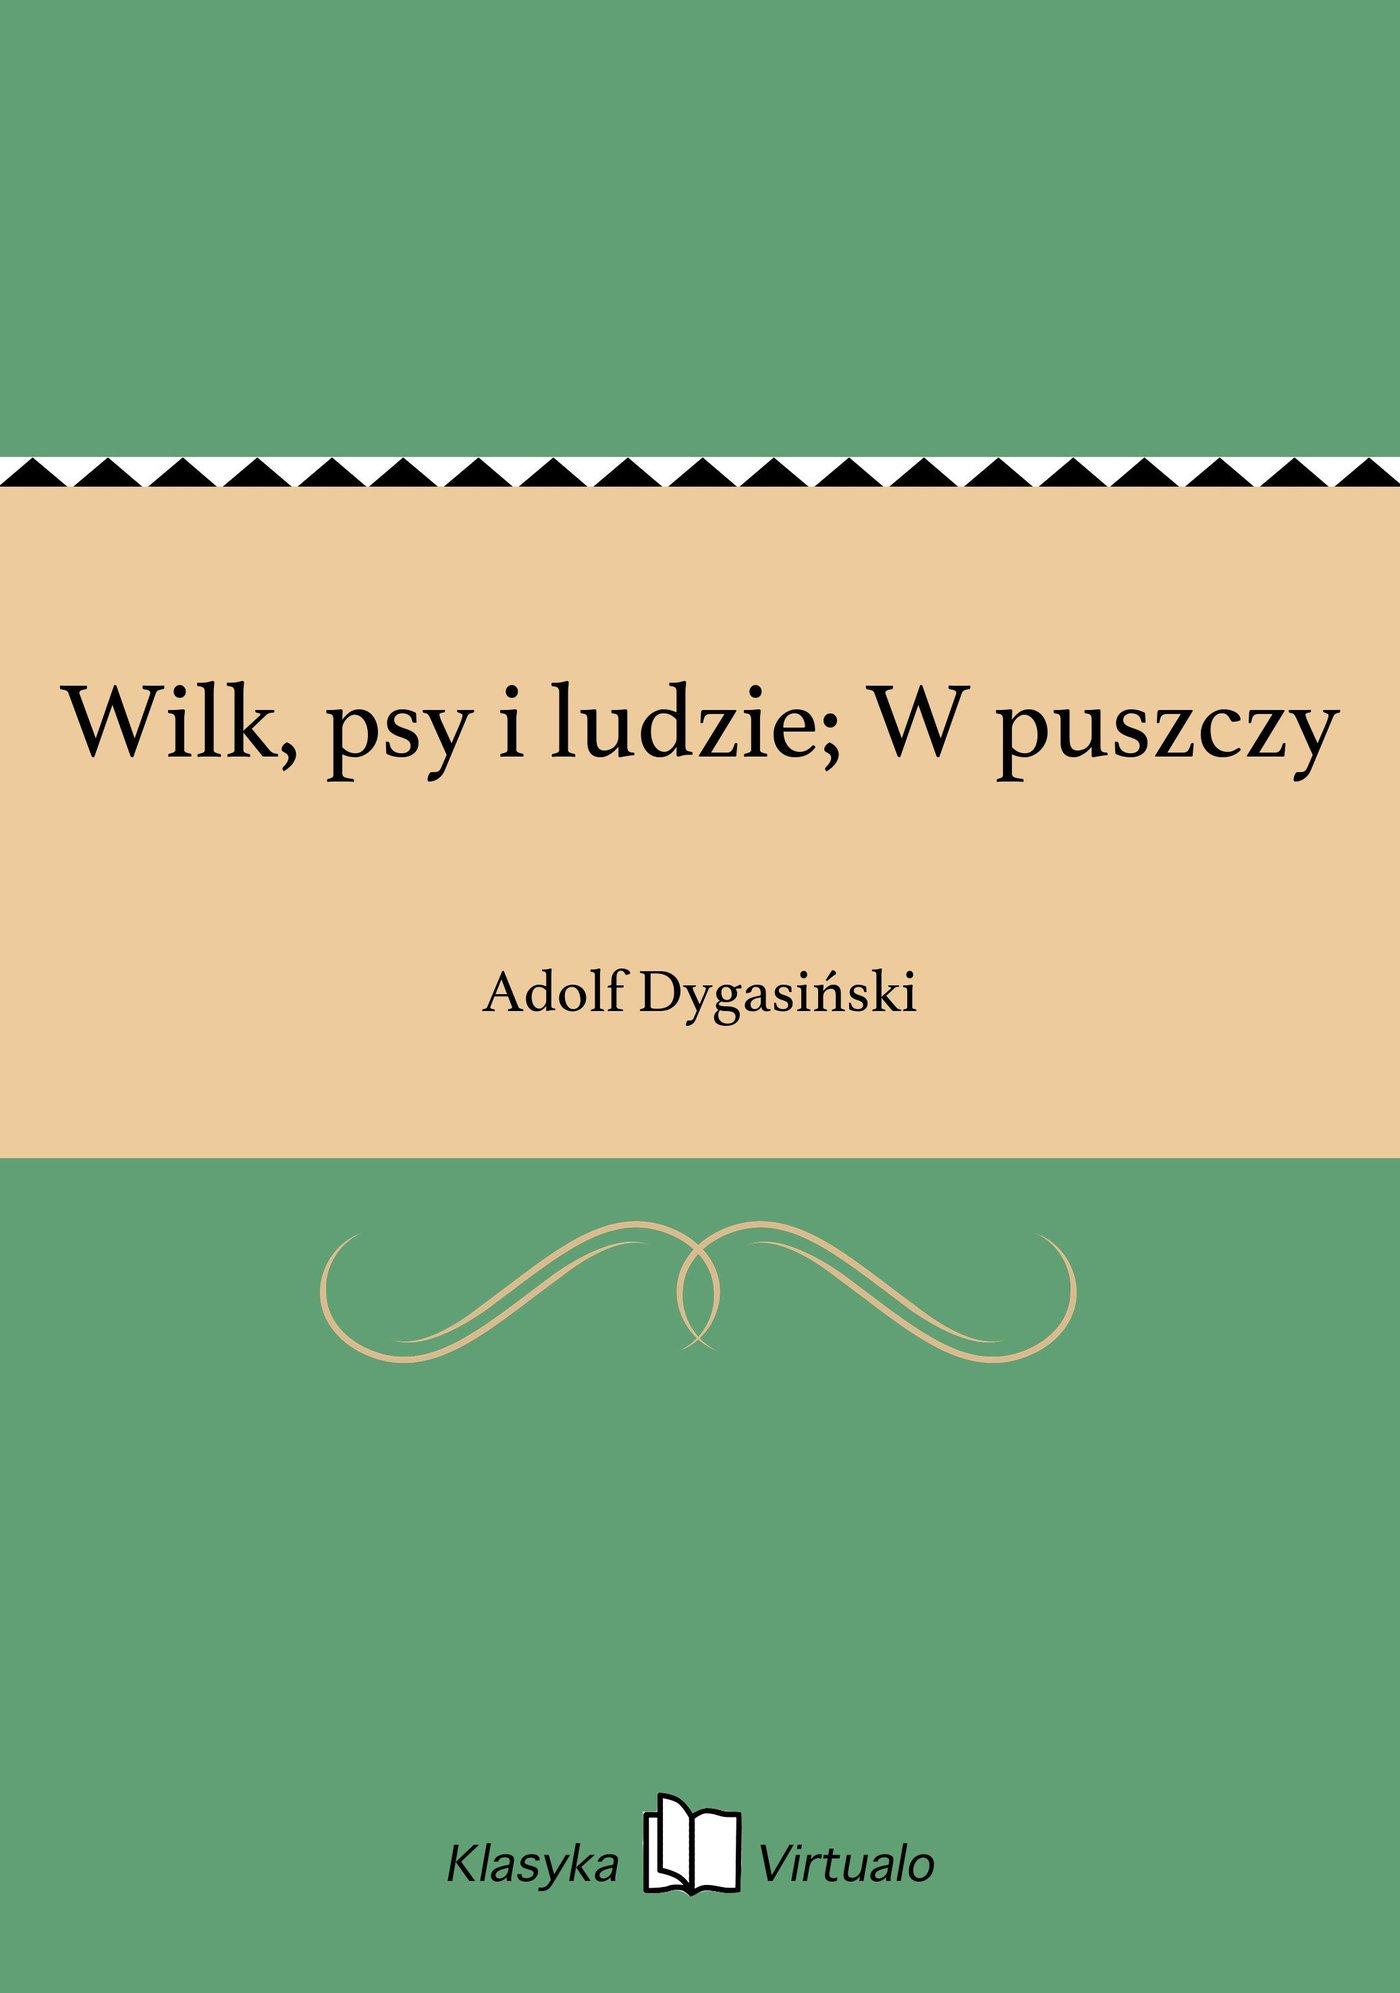 Wilk, psy i ludzie; W puszczy - Ebook (Książka EPUB) do pobrania w formacie EPUB